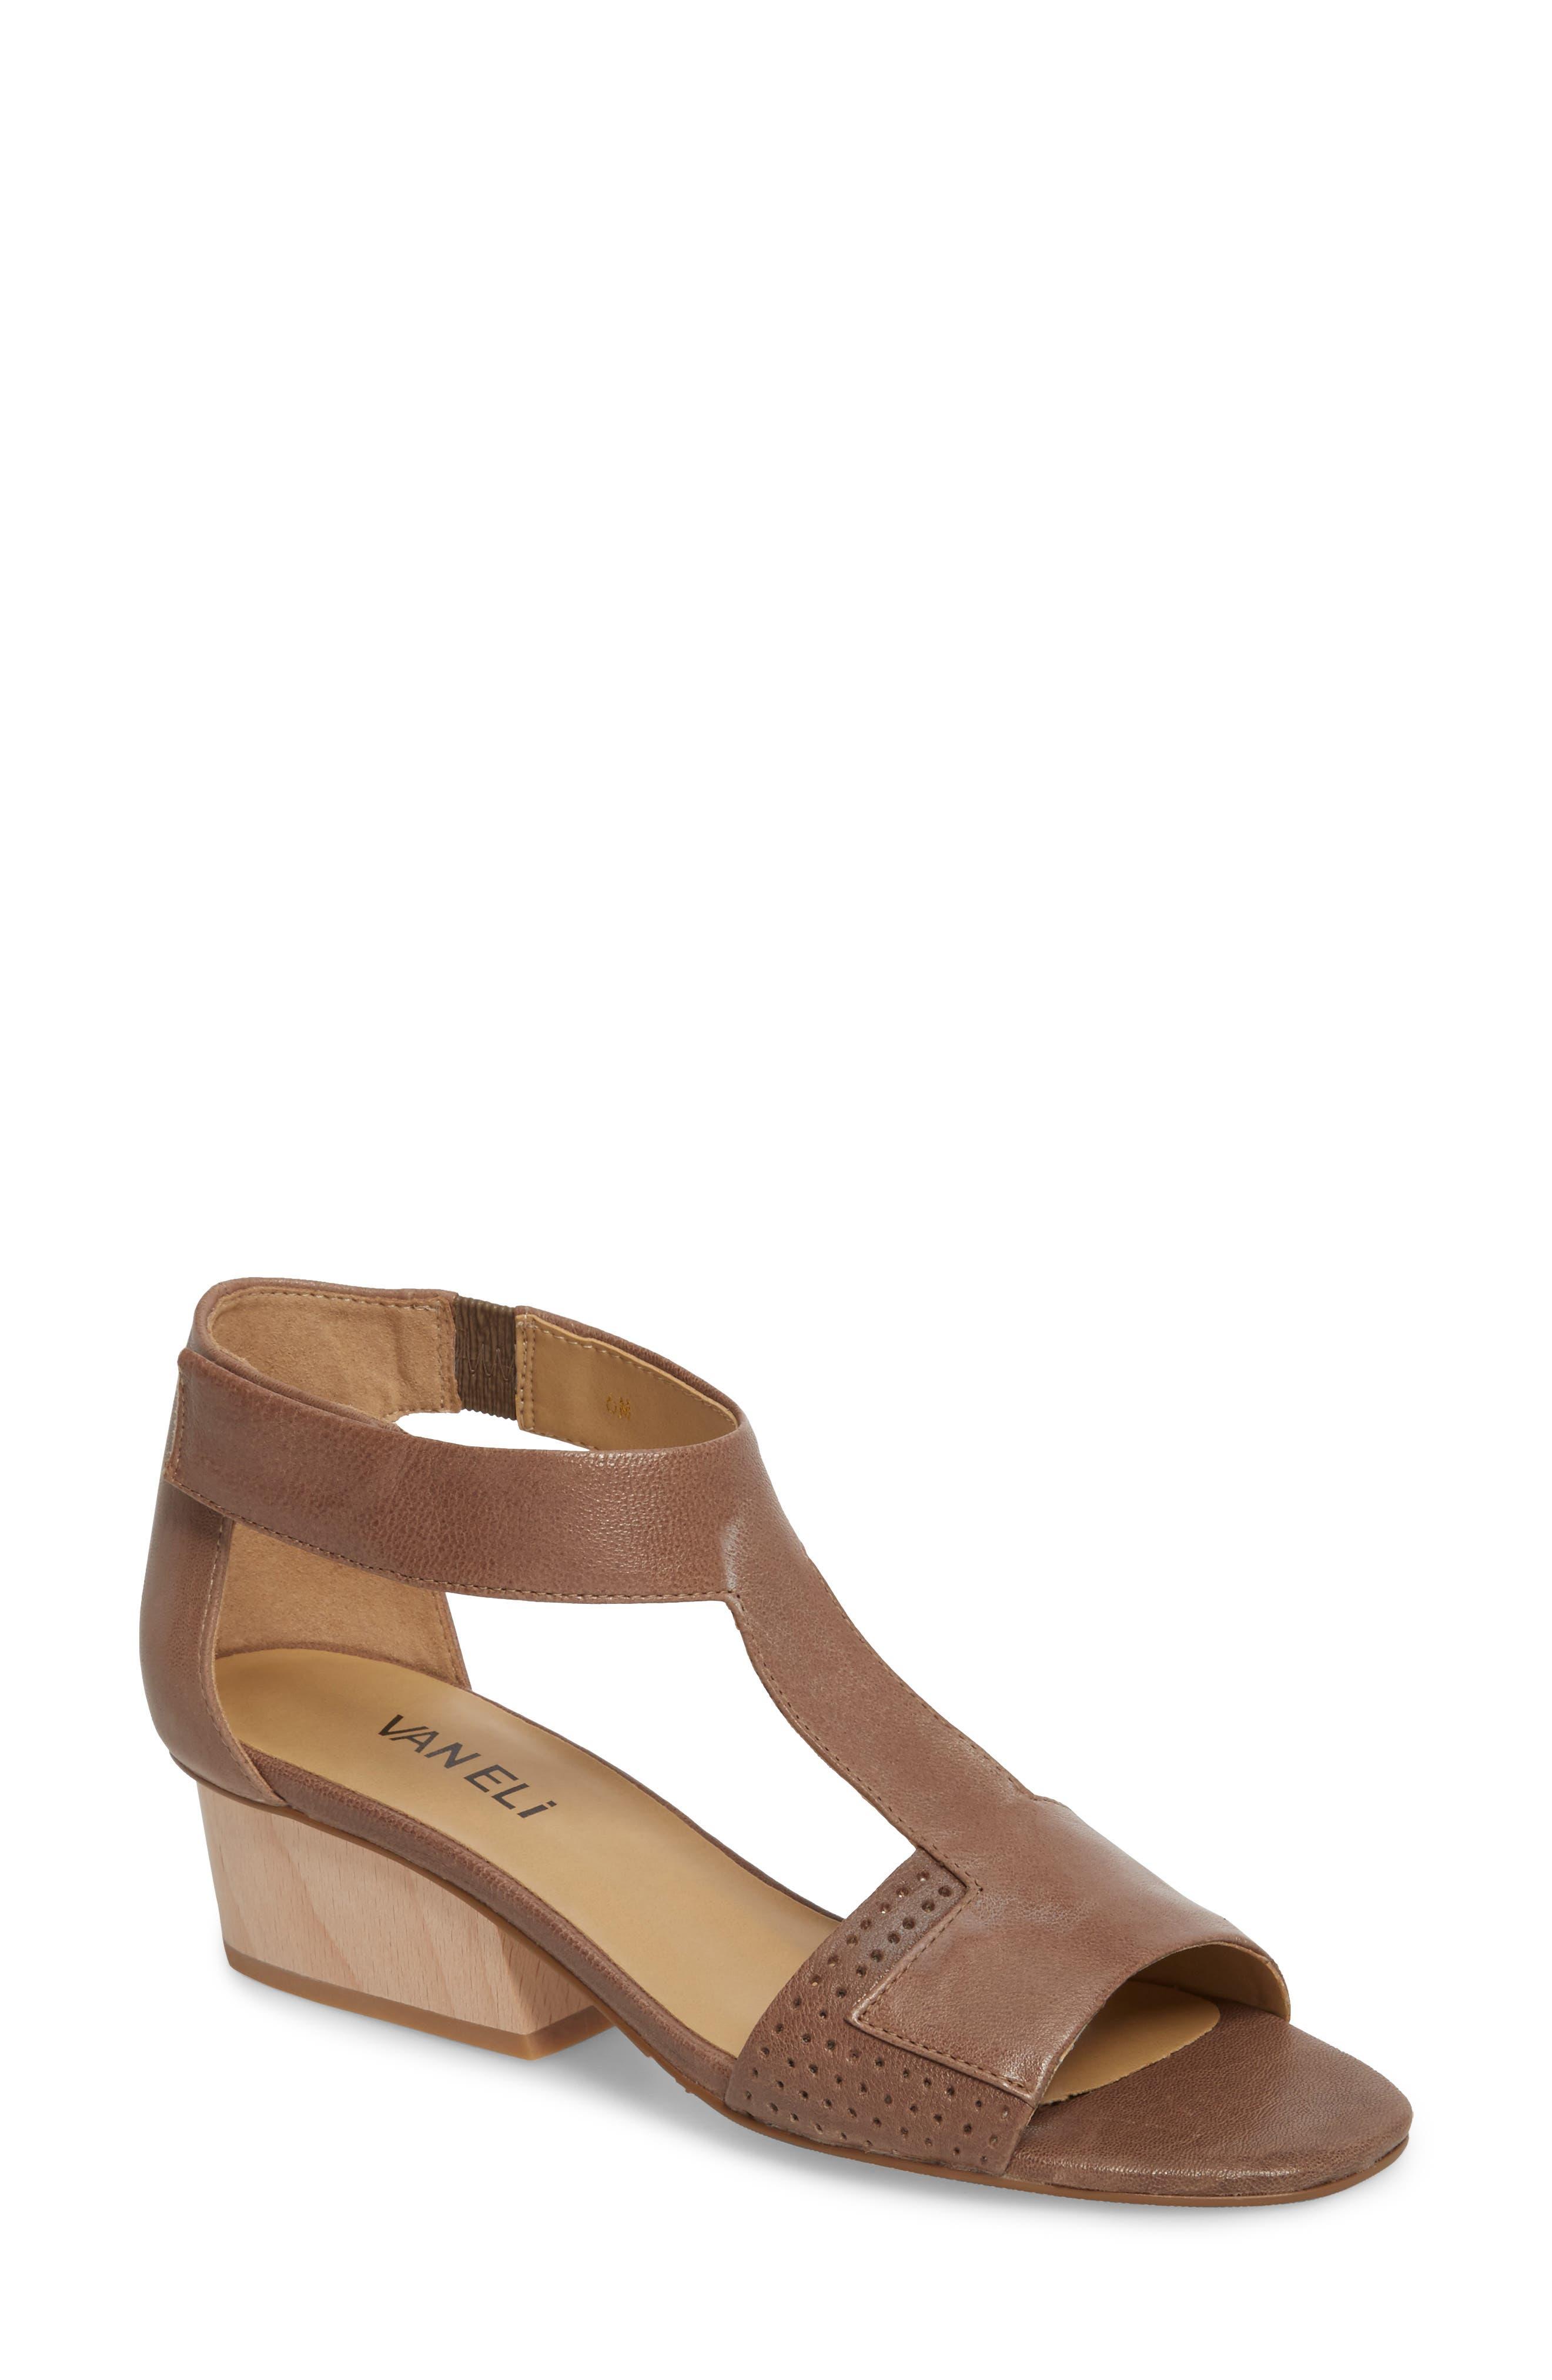 20453ee011 Women s Vaneli Heels